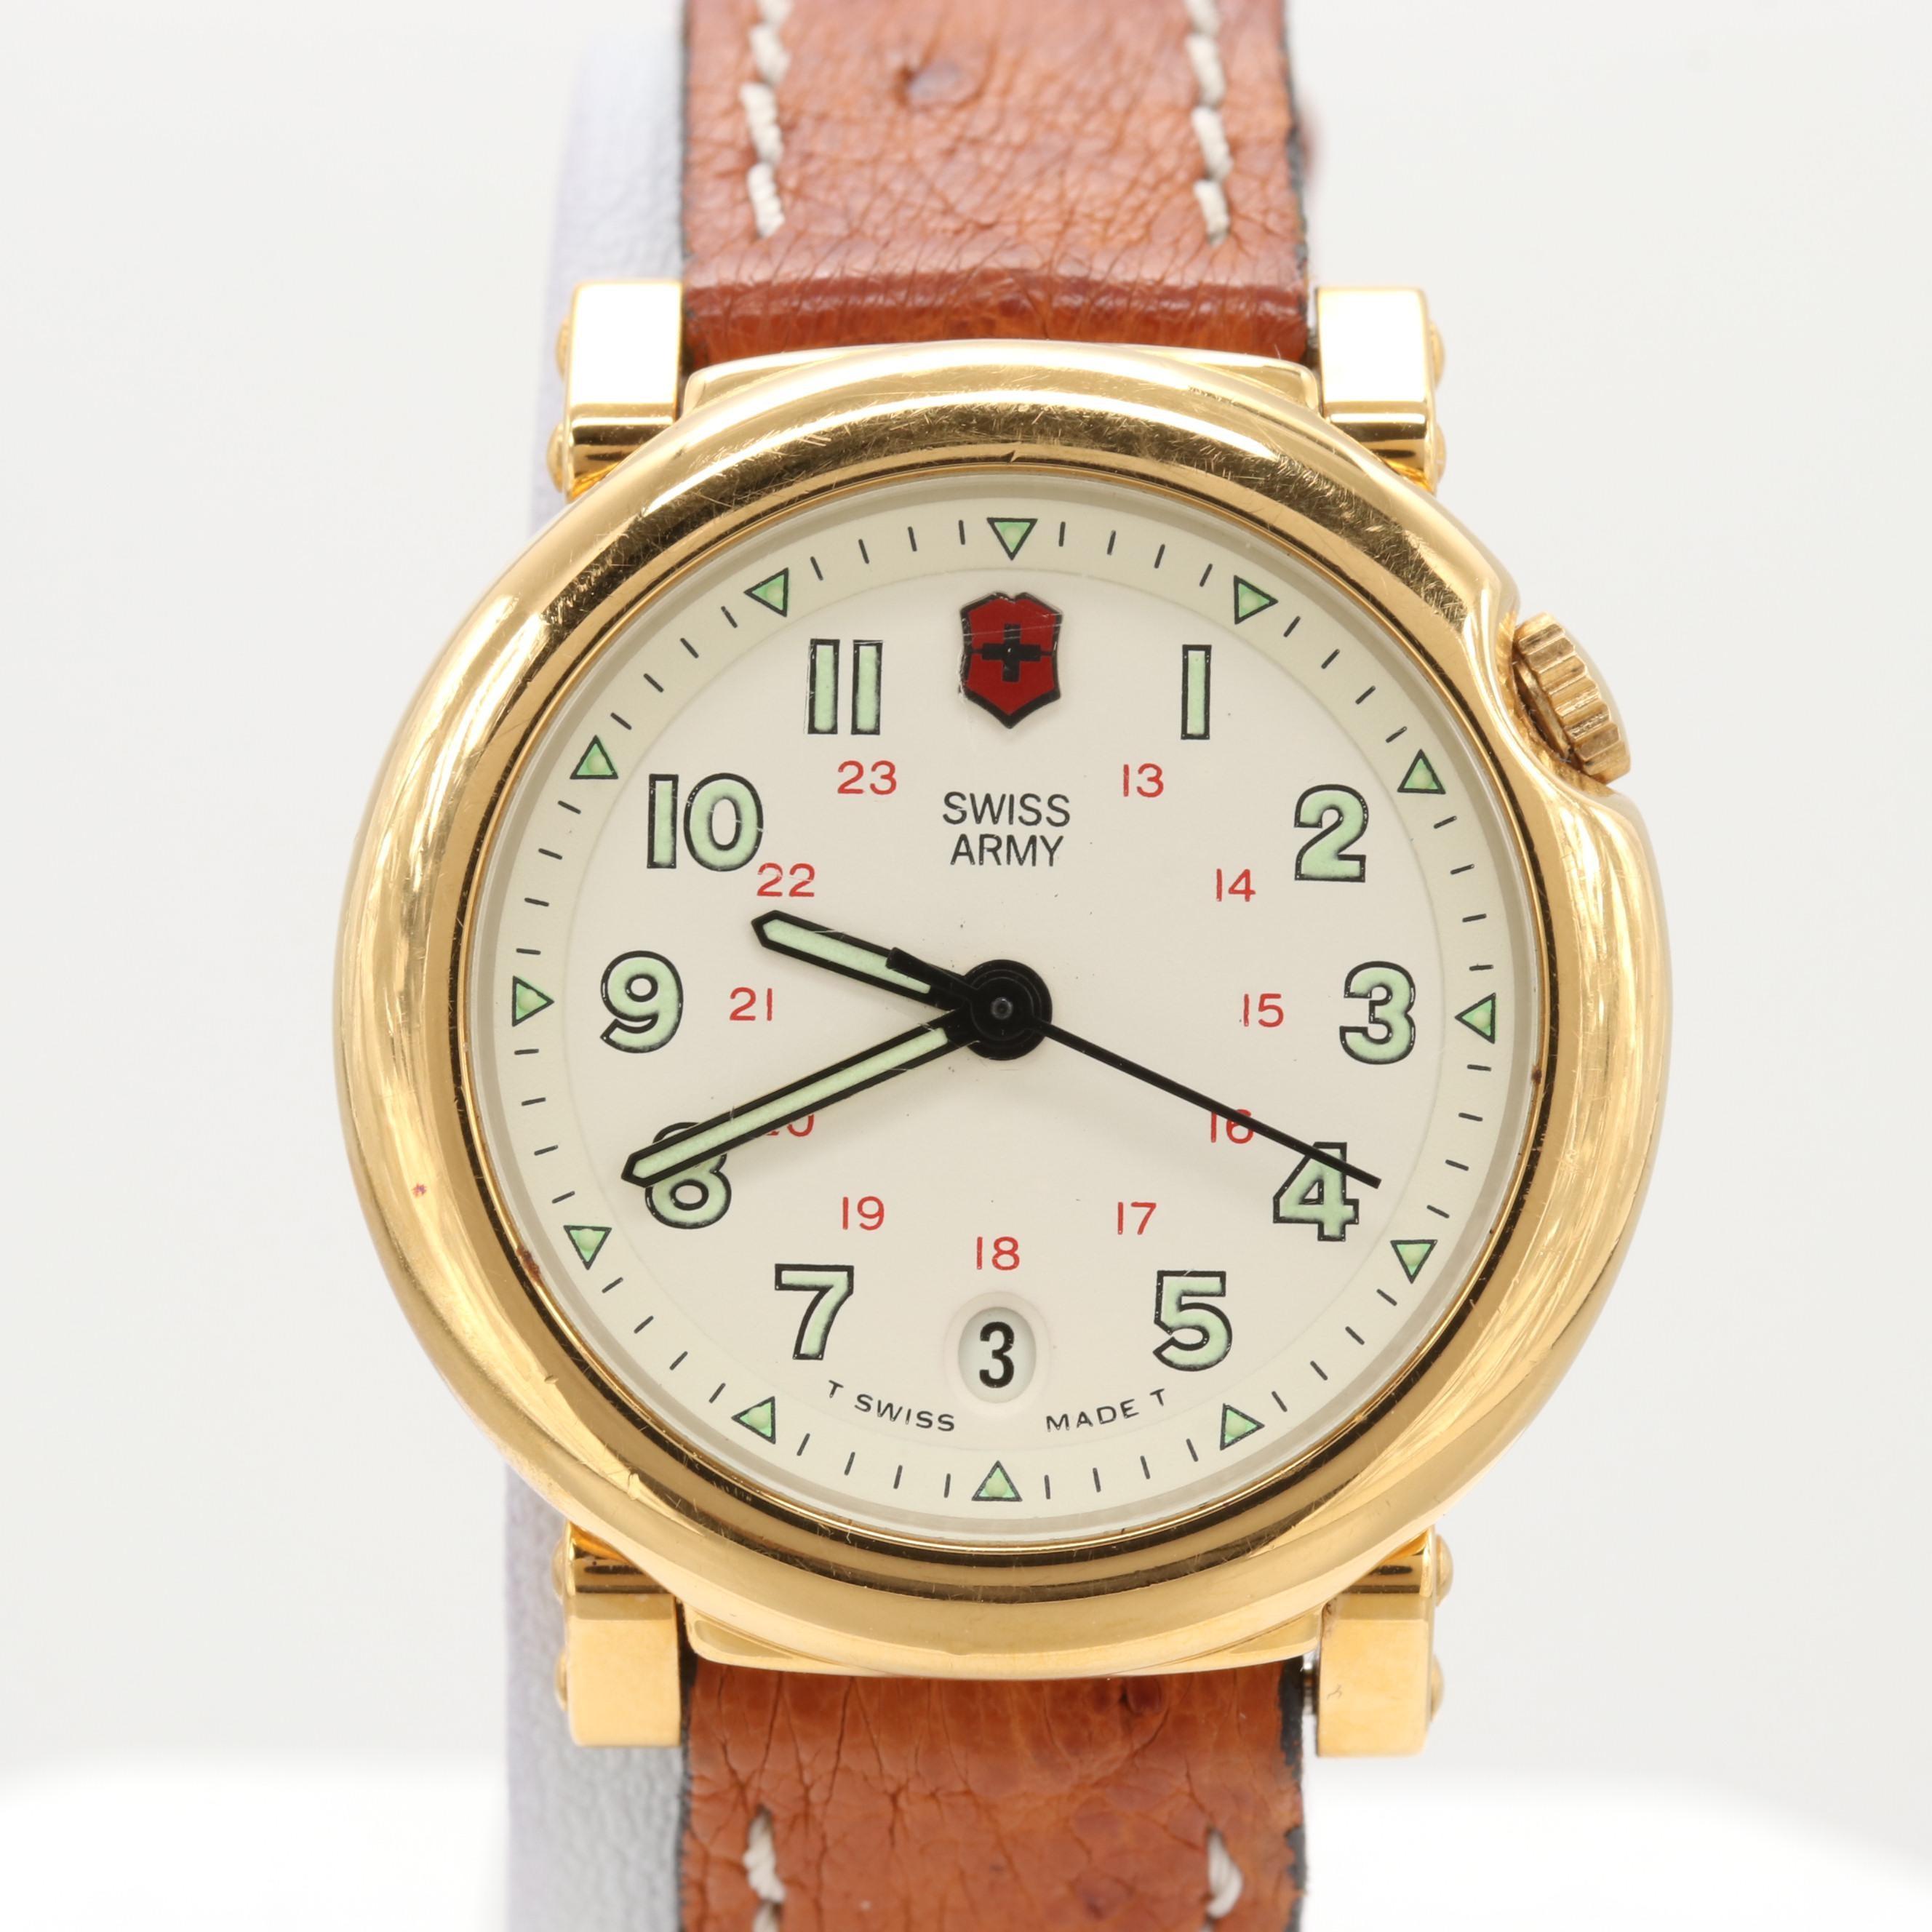 Swiss Army Stainless Steel Wristwatch With Date Window